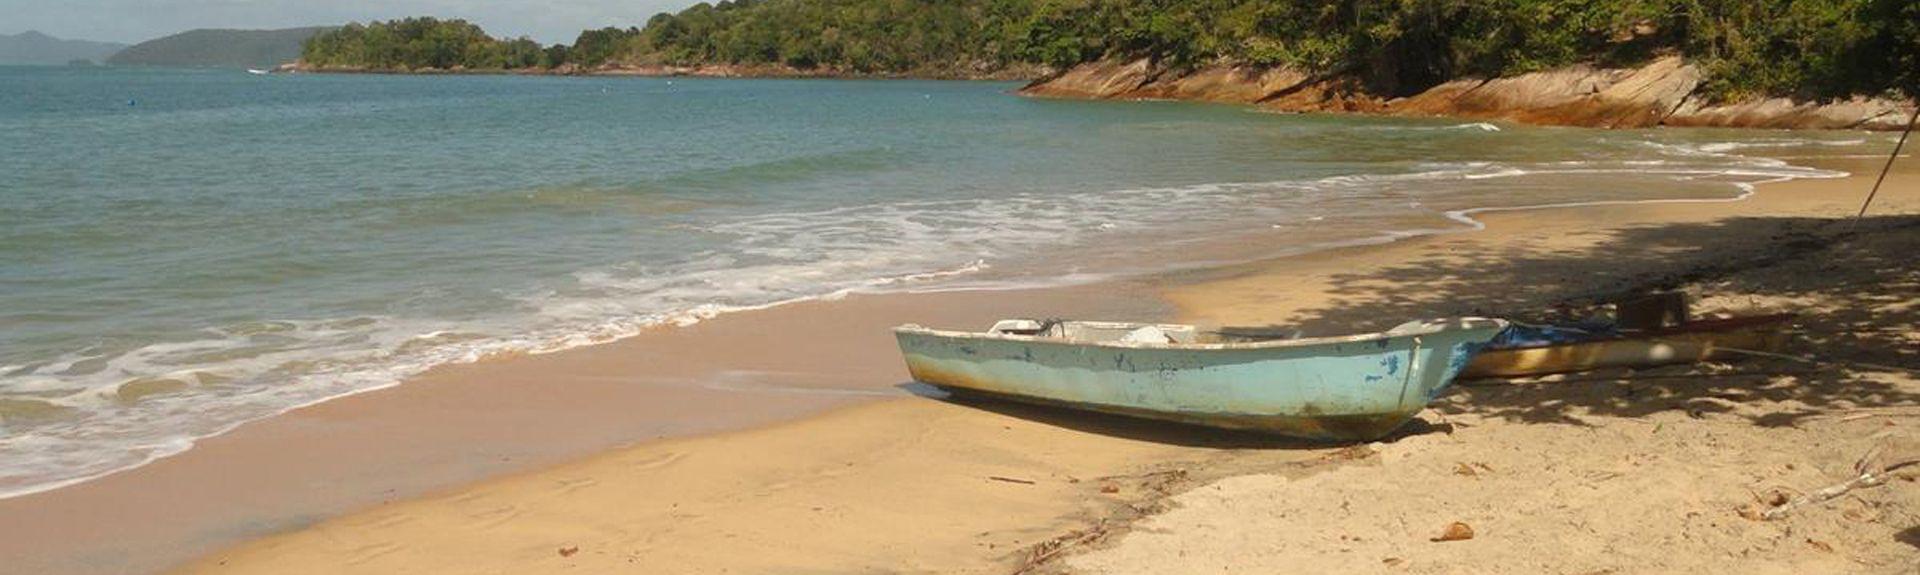 Praia Brava da Fortaleza, Ubatuba, São Paulo, Brasil